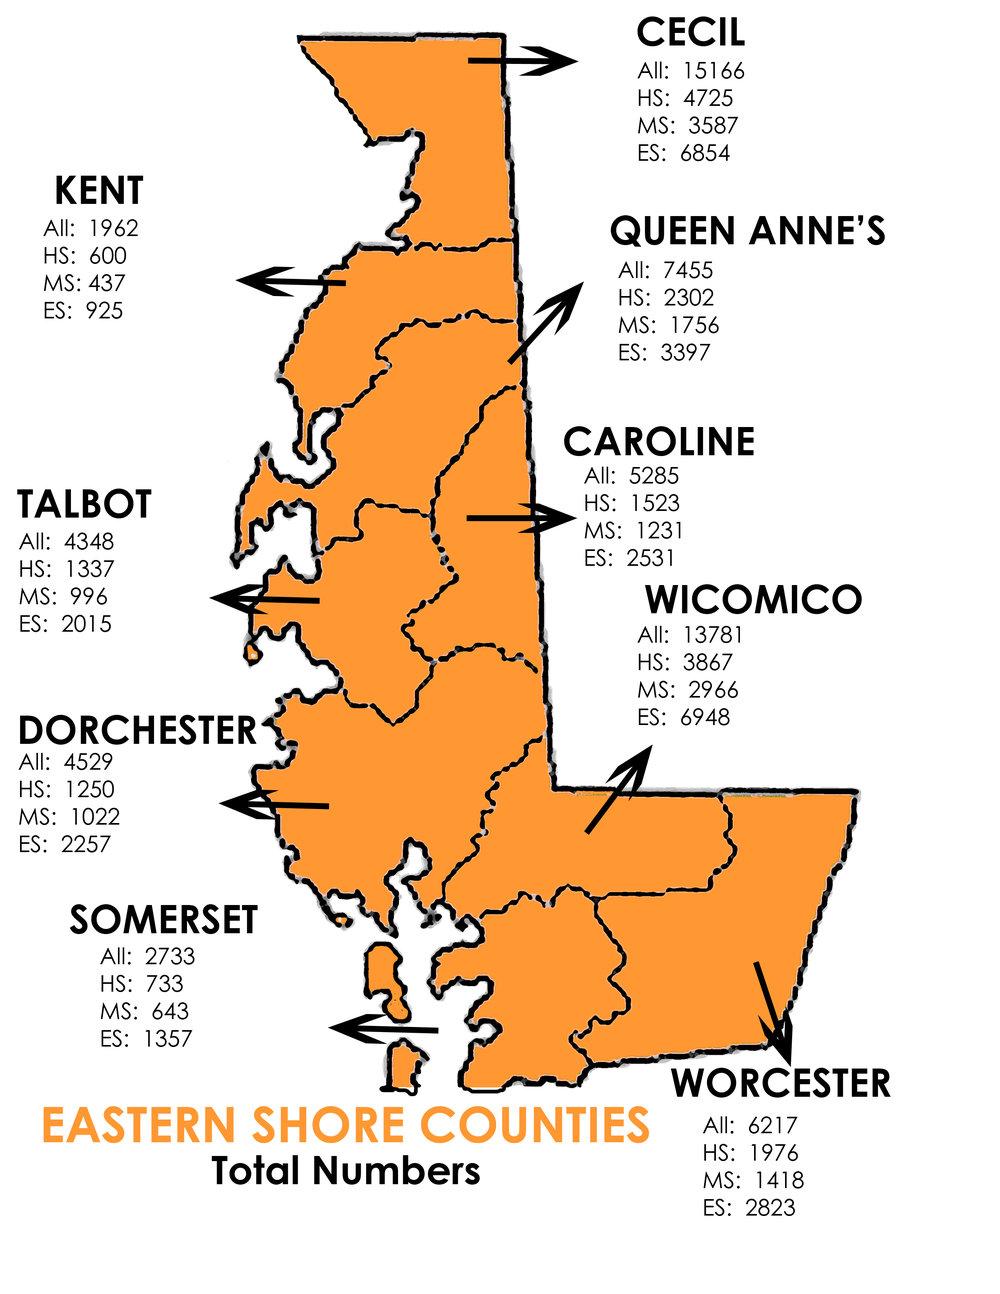 eastern shore counties total numbers.jpg